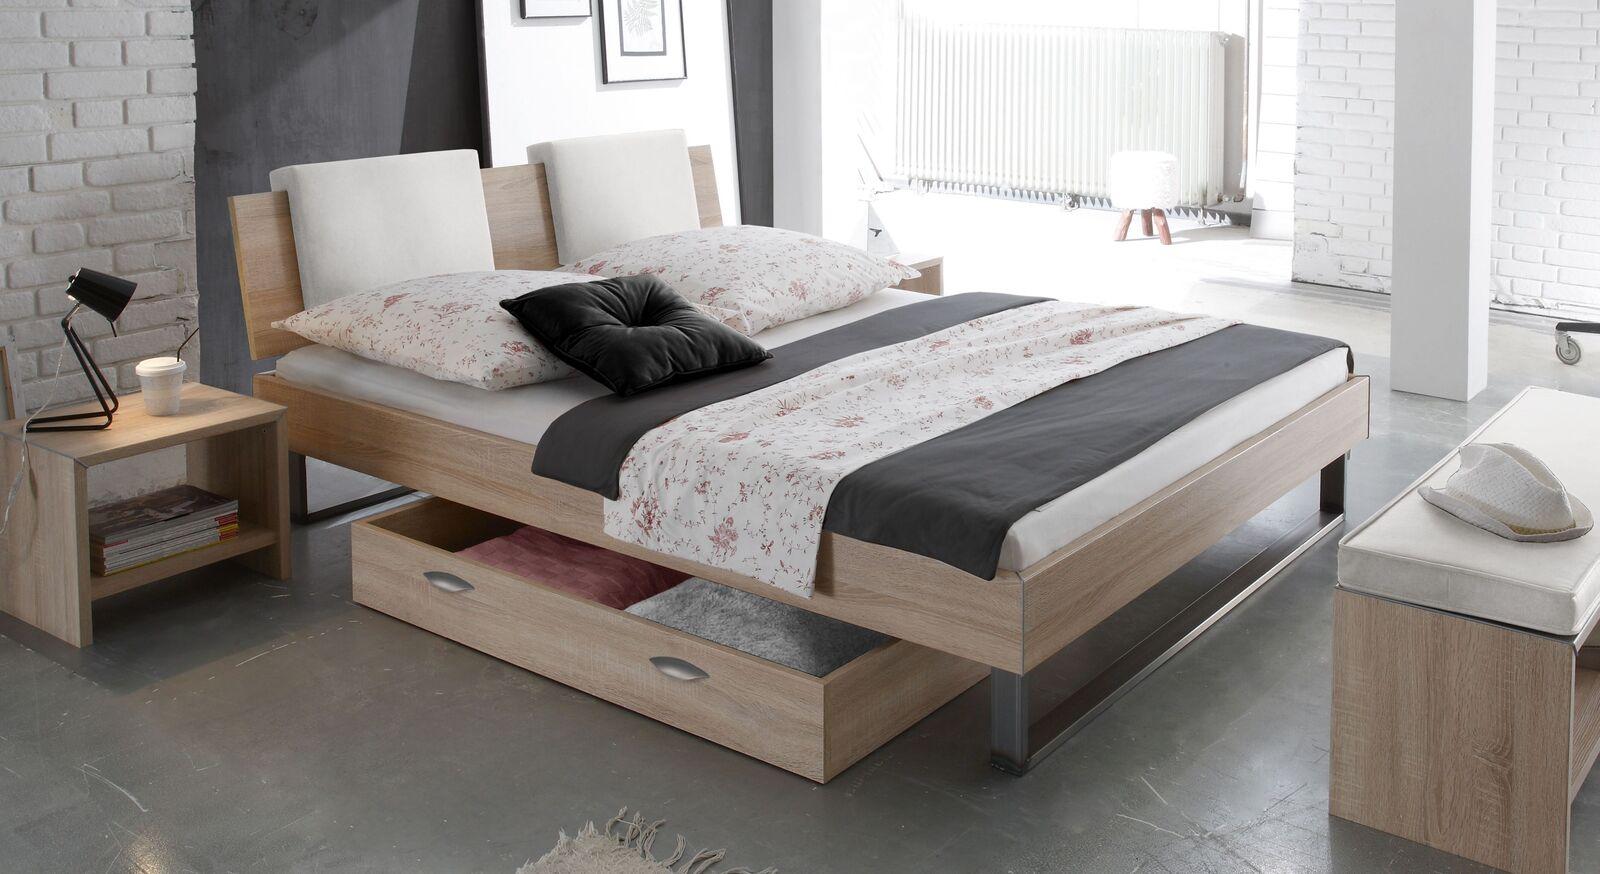 Preiswertes Bett Torbay im Loft-Design